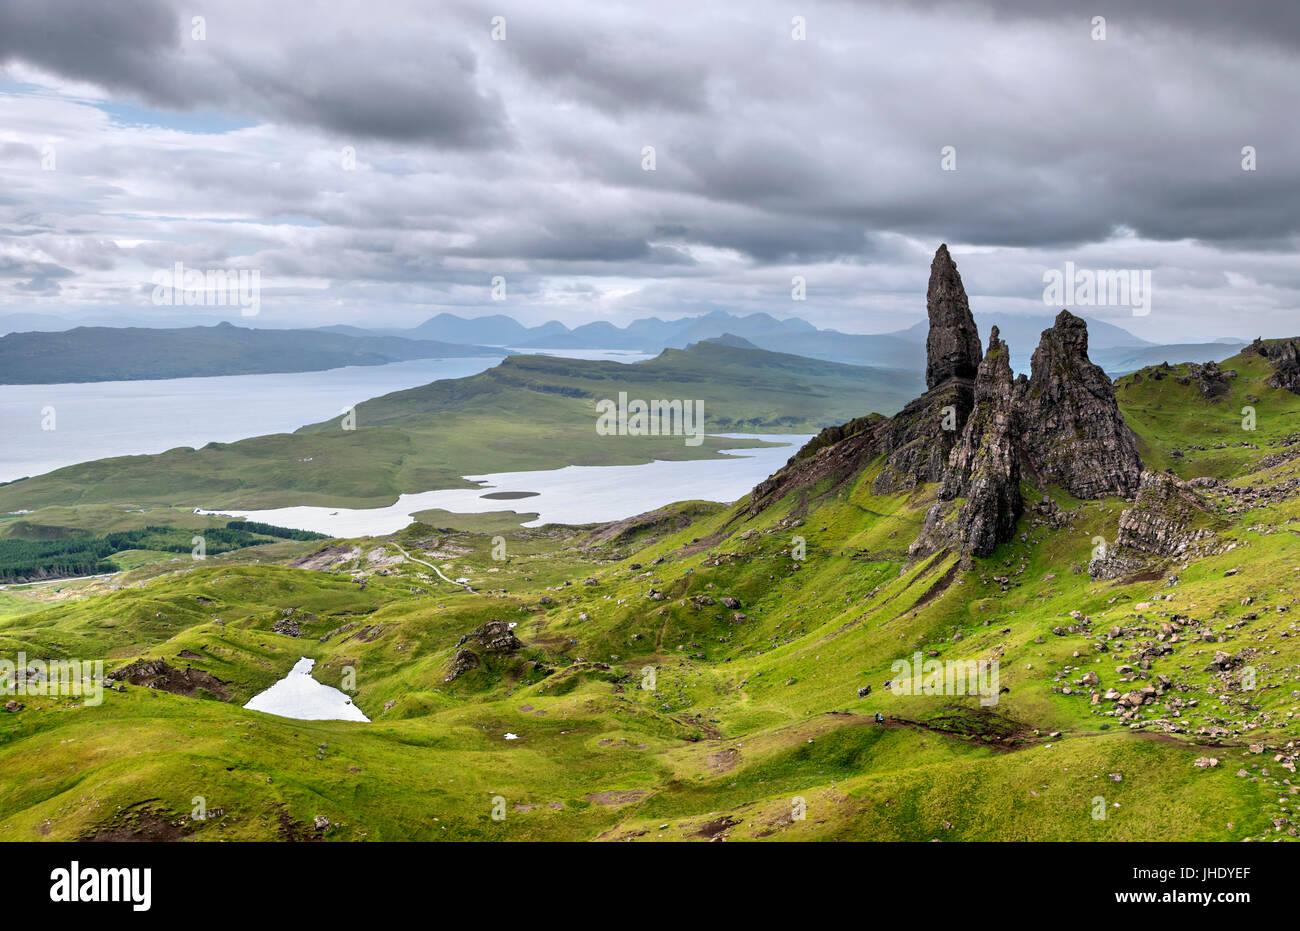 The Old Man of Storr, Isle of Skye, Highland, Scotland, UK. Scottish landscape / landscapes. - Stock Image